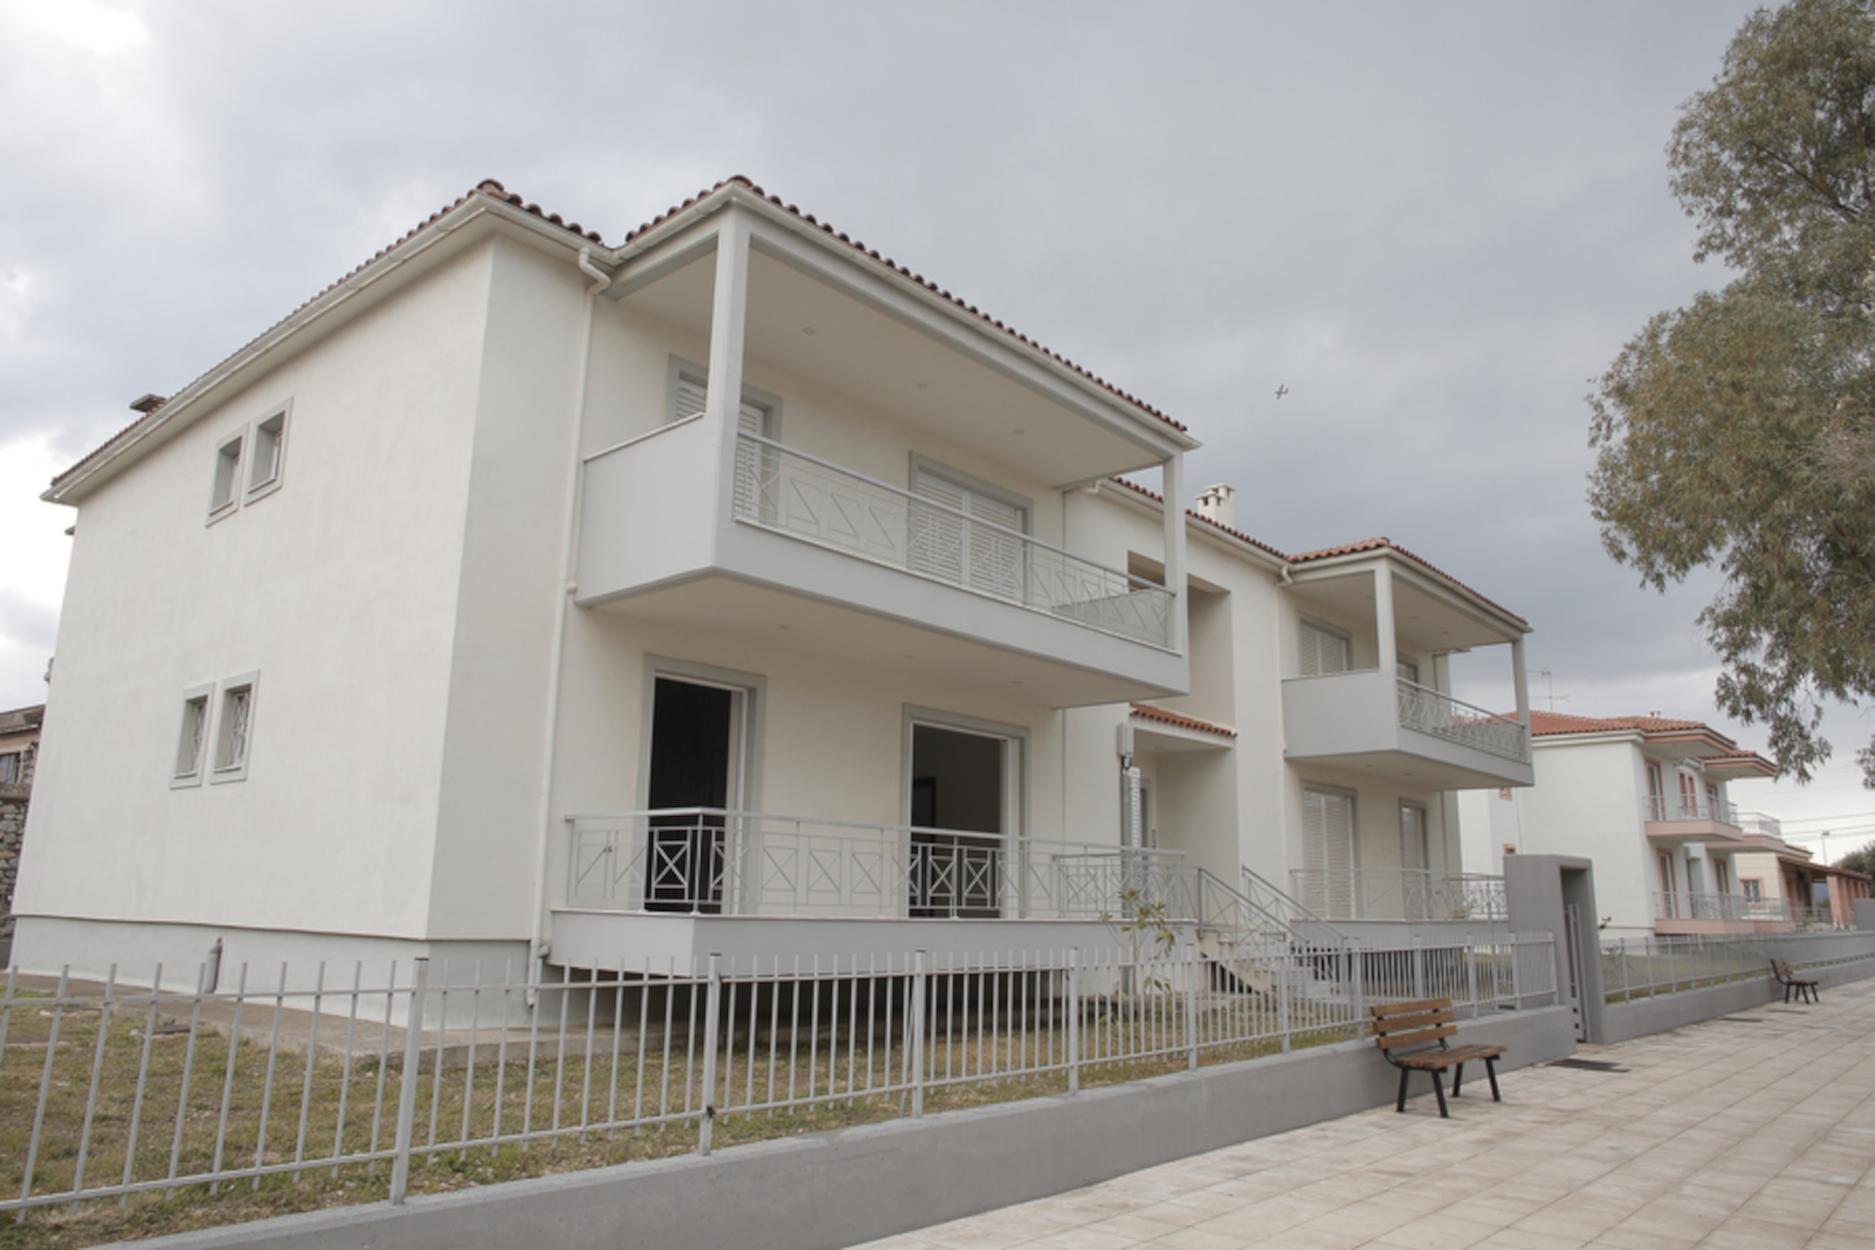 Ελευσίνα: Παραδόθηκαν οι πρώτες εργατικές κατοικίες (pics)